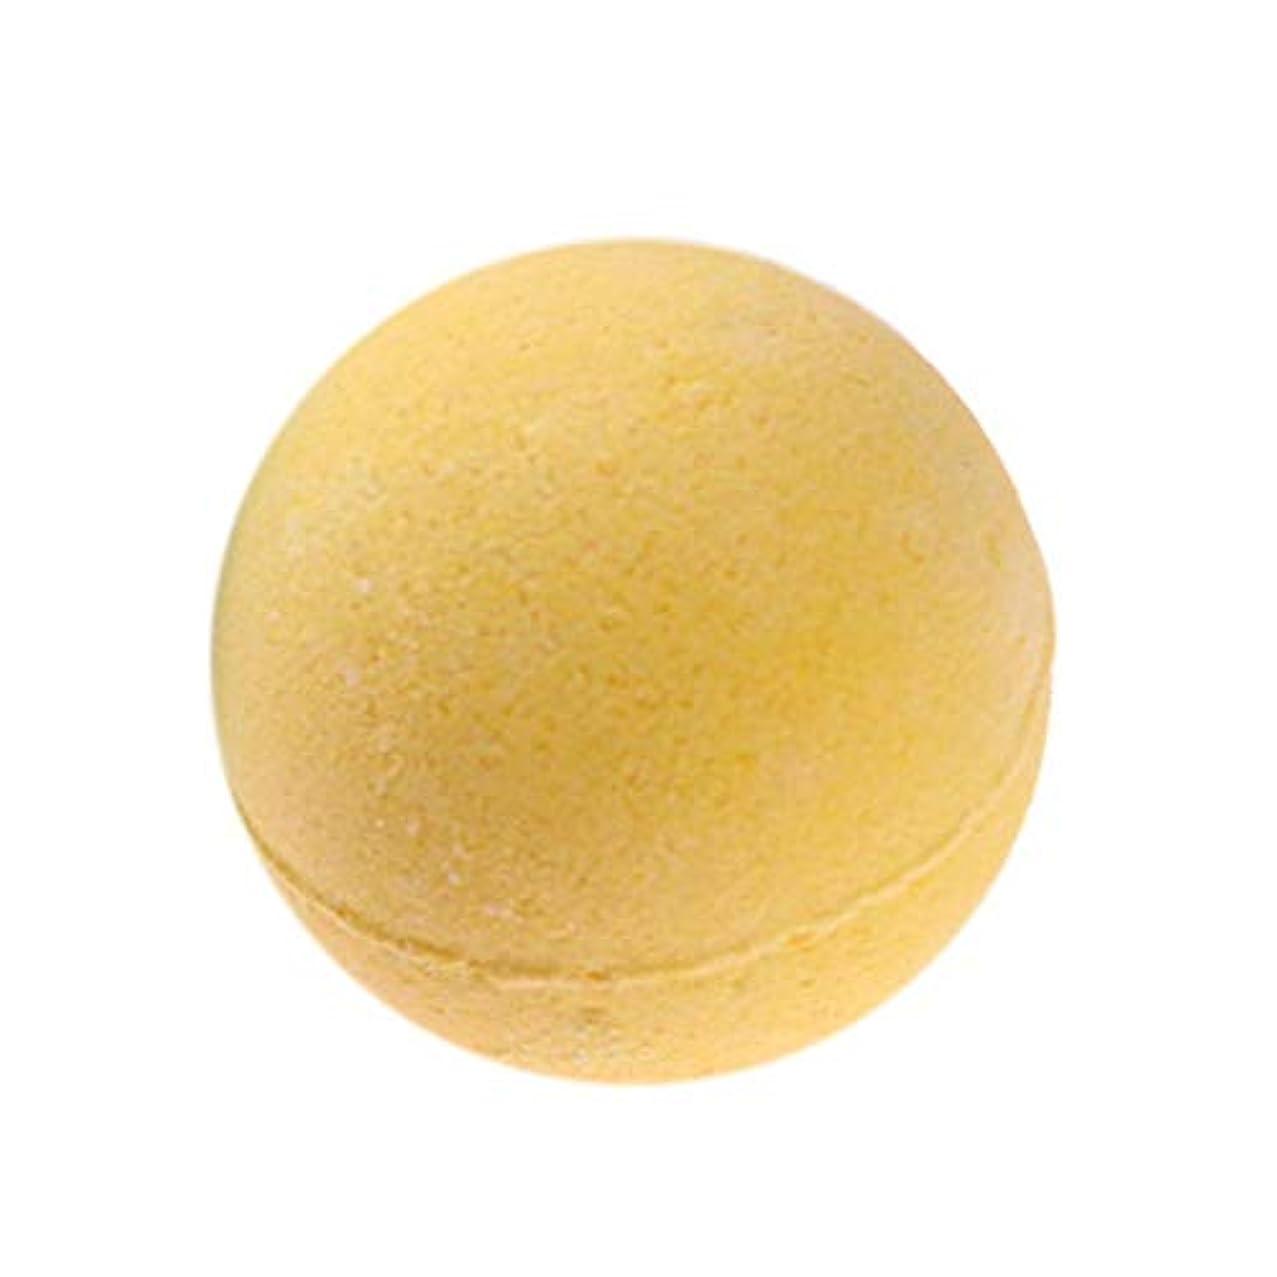 基礎入場ぼんやりしたバスボール ボディスキンホワイトニング バスソルト リラックス ストレスリリーフ バブルシャワー 爆弾ボール 1pc Lushandy